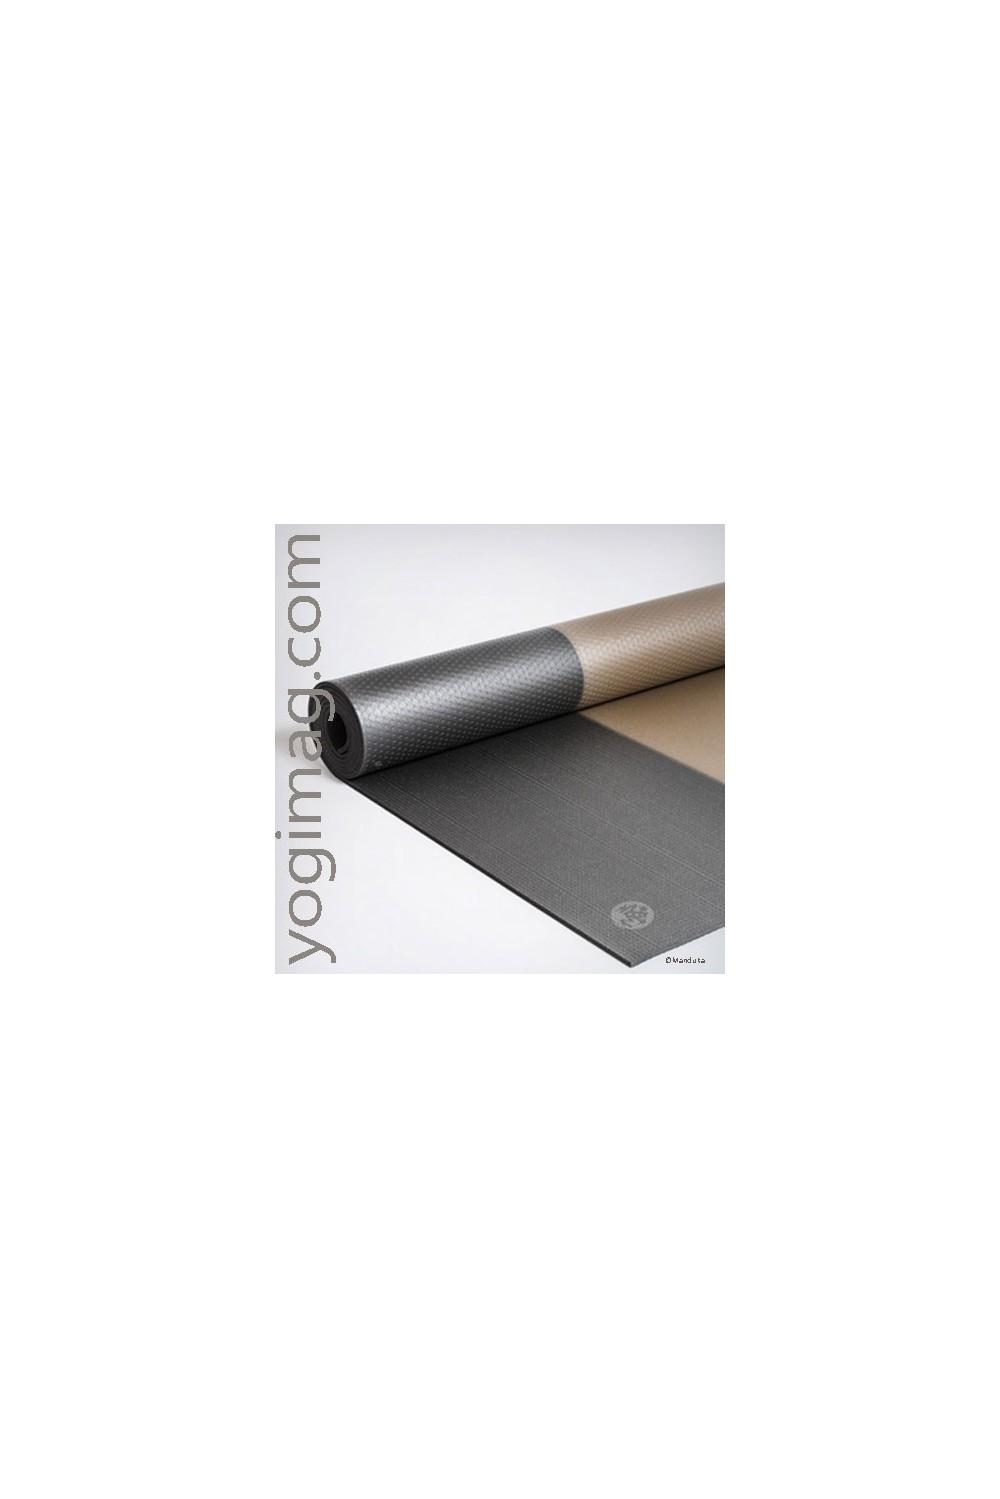 tapis de yoga manduka sp cial ashtanga vinyasa bikram yogimag. Black Bedroom Furniture Sets. Home Design Ideas